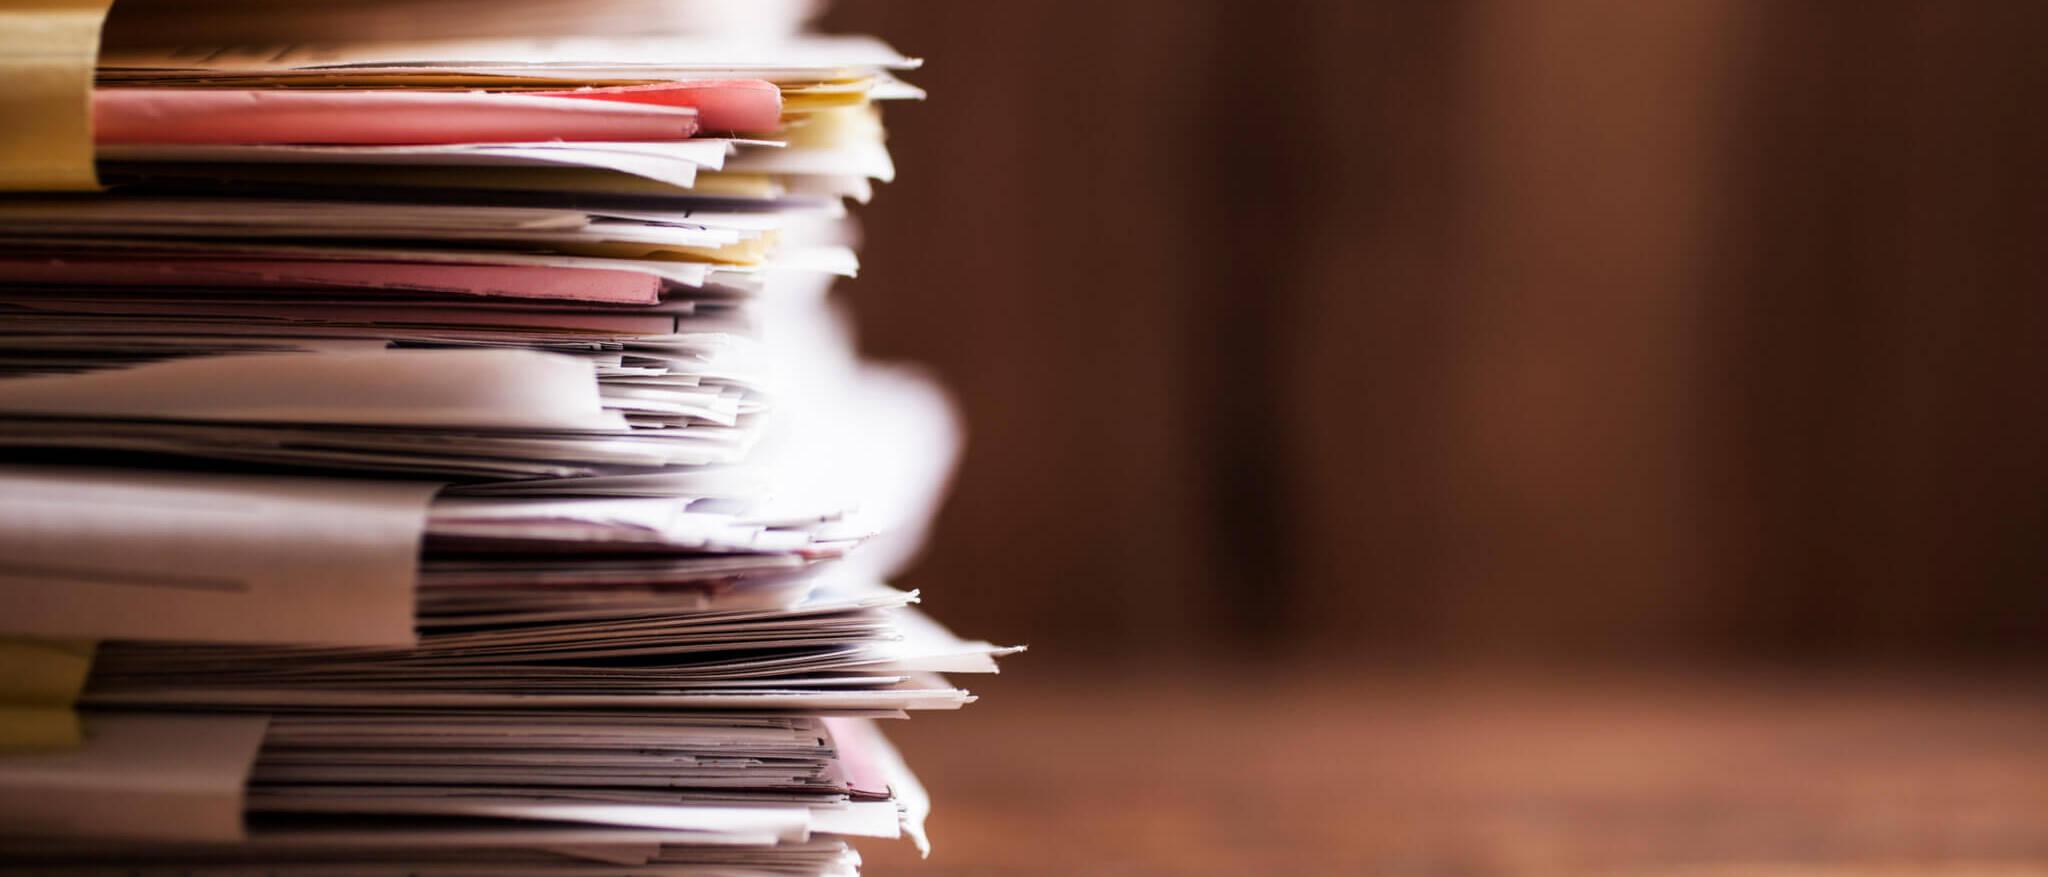 Une pile de dossiers sur un bureau